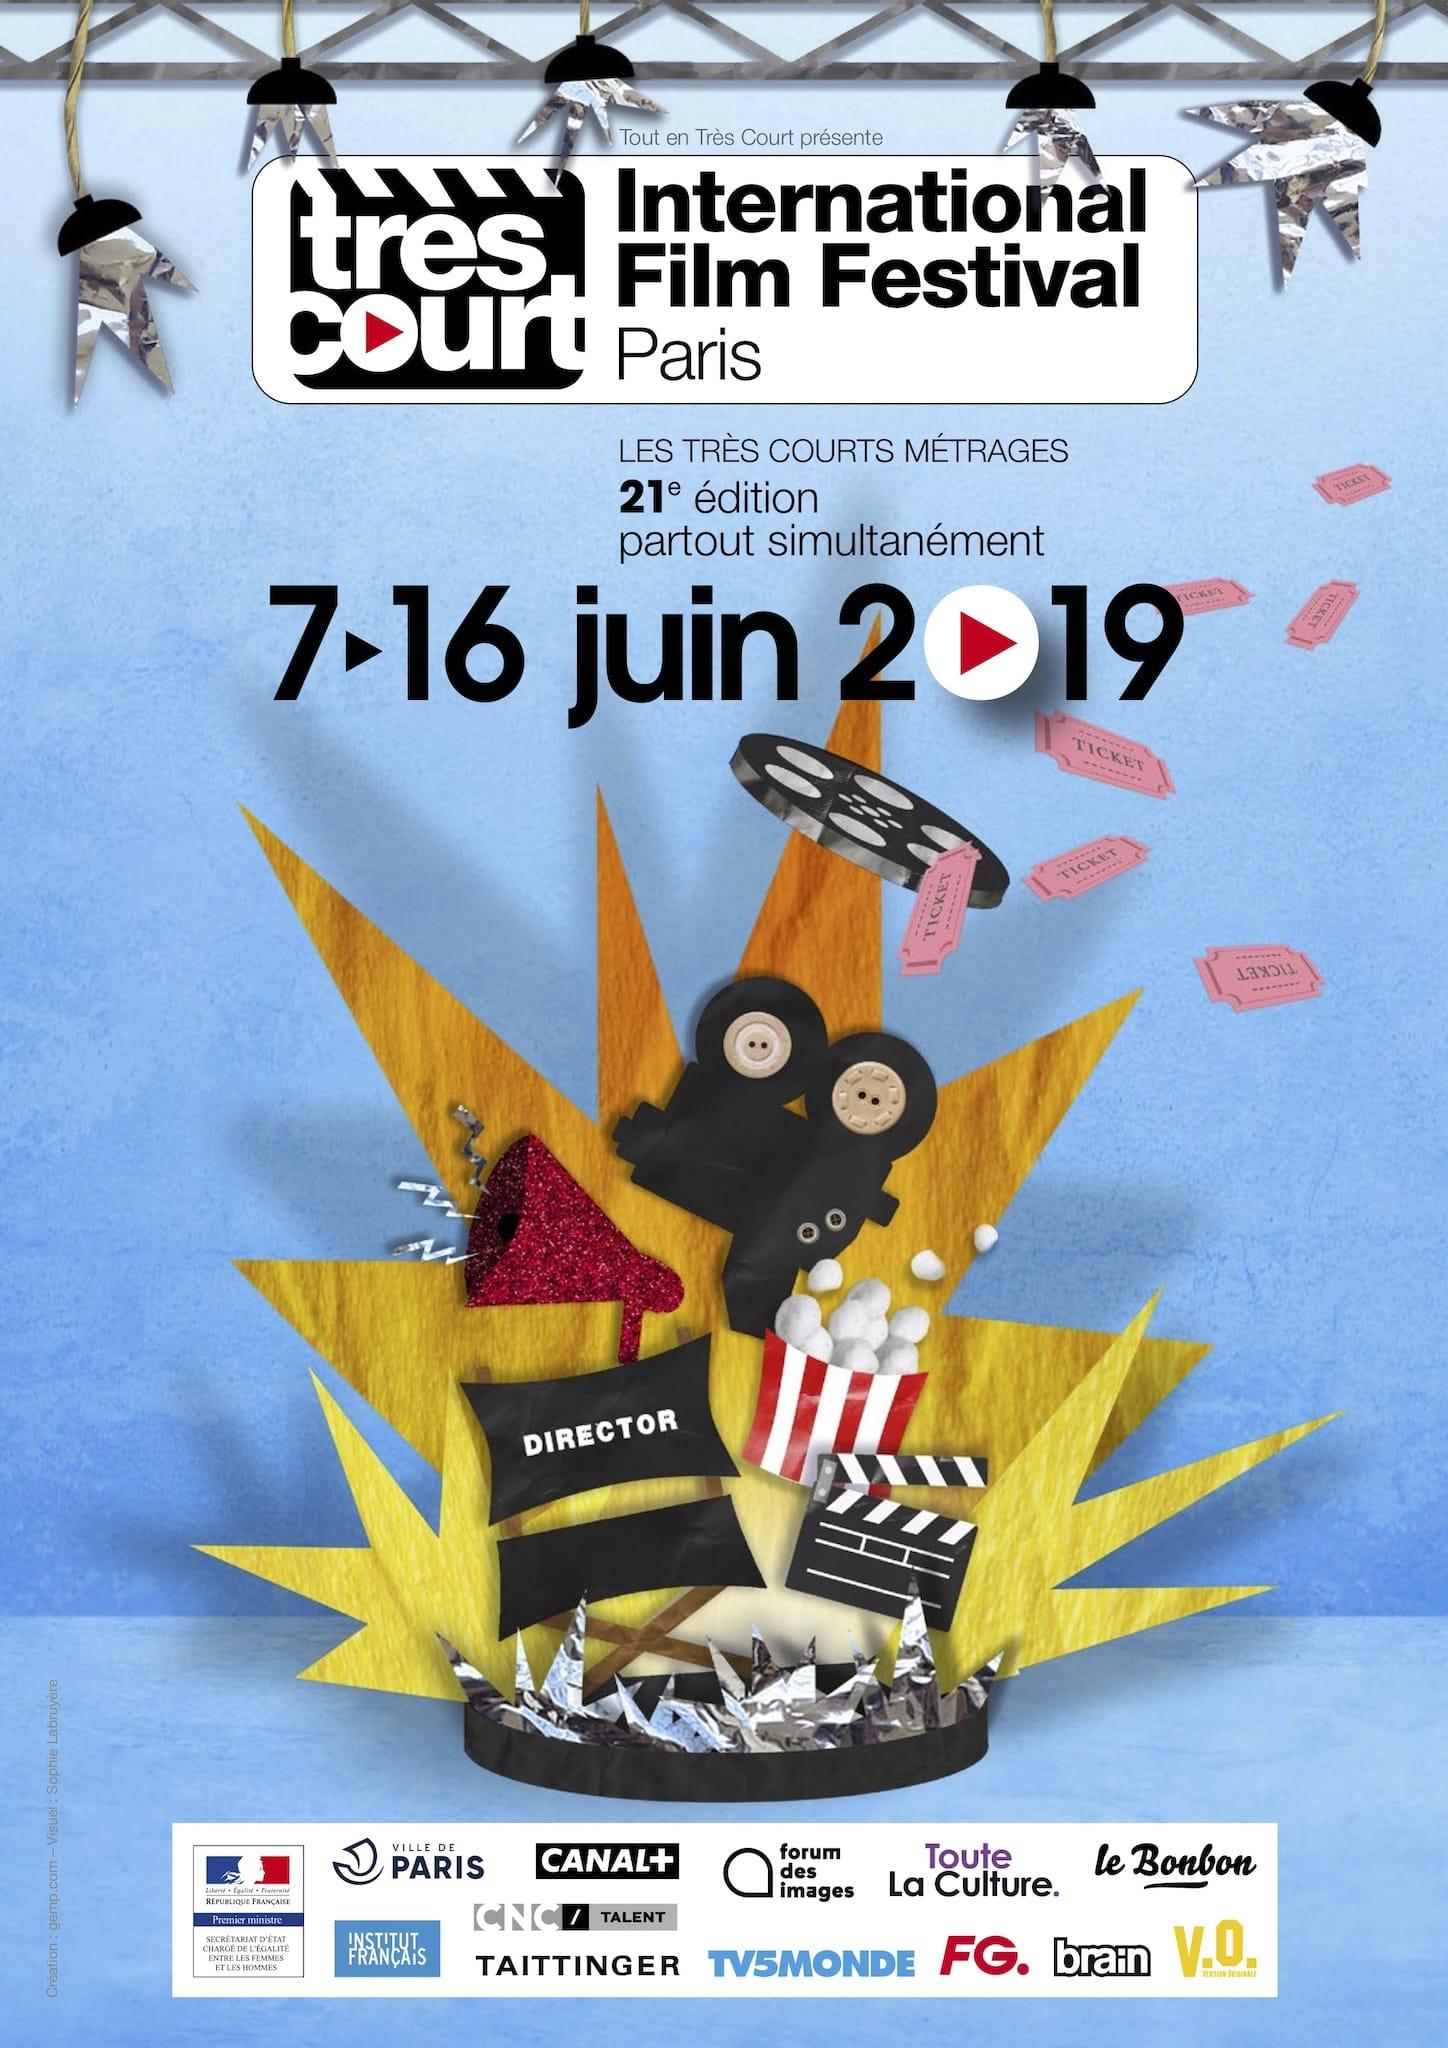 Très Court International Film Festival 2019 affiche courts-métrages cinéma